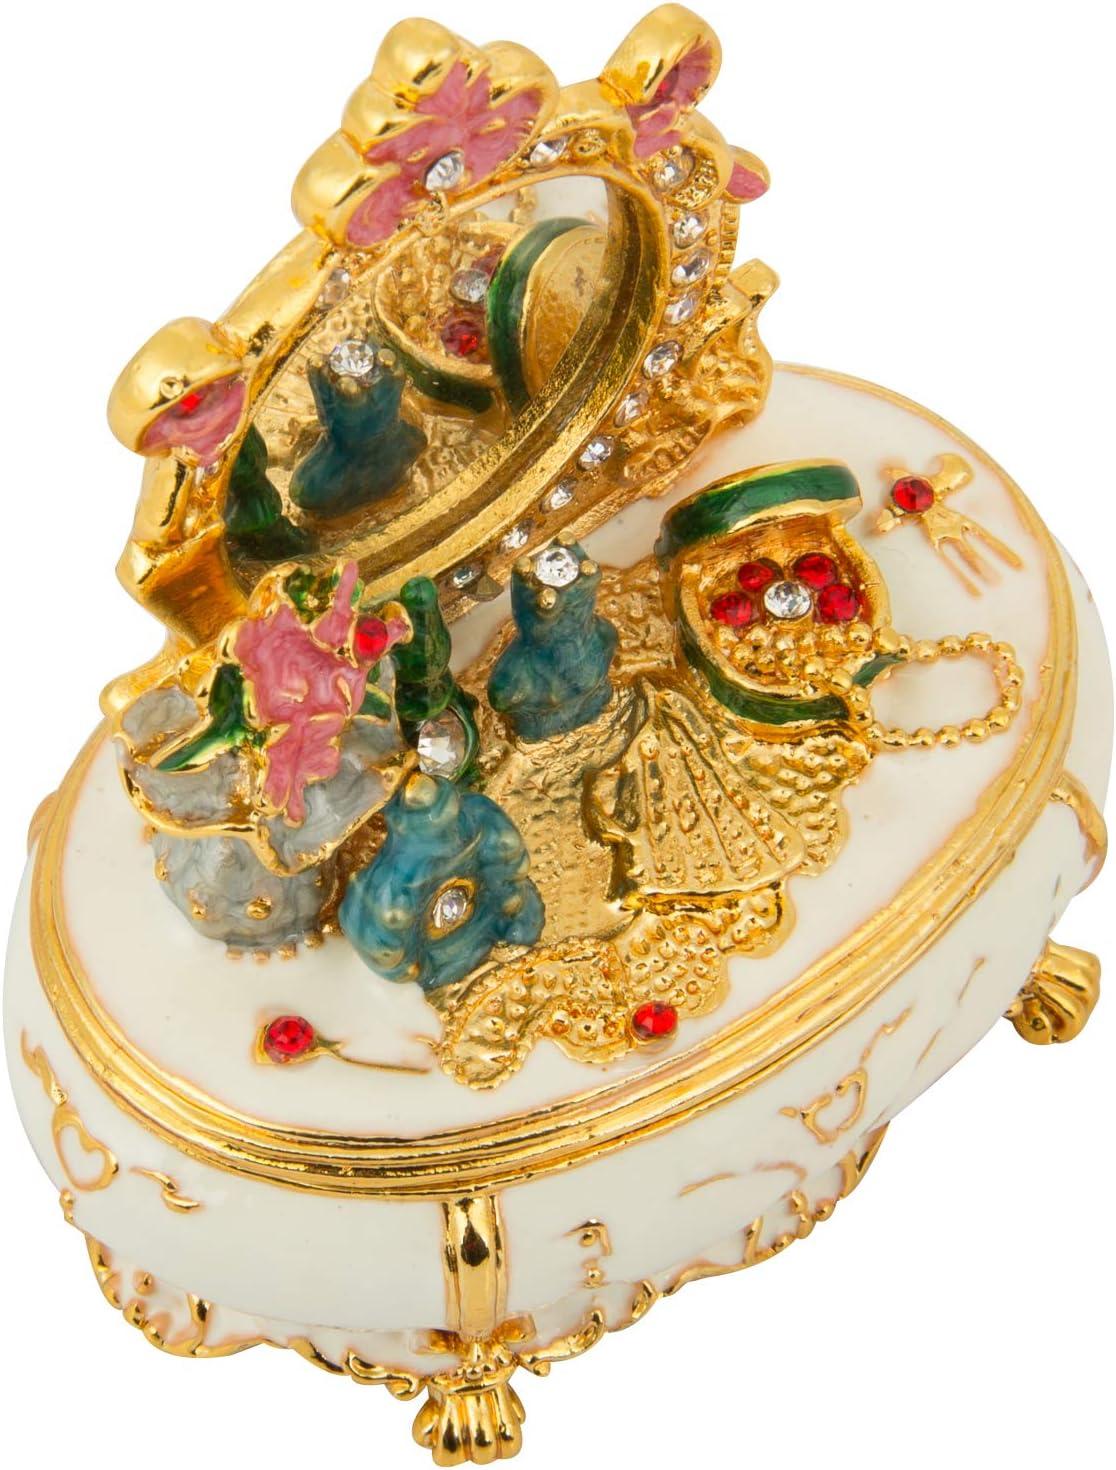 Qifu Style vintage peinte /à la main en forme de coiffeuse Bijoux Bo/îte /à bijoux avec de riches en /émail et strass /étincelants Meilleur Ornement votre collection Cadeau unique Home Decor